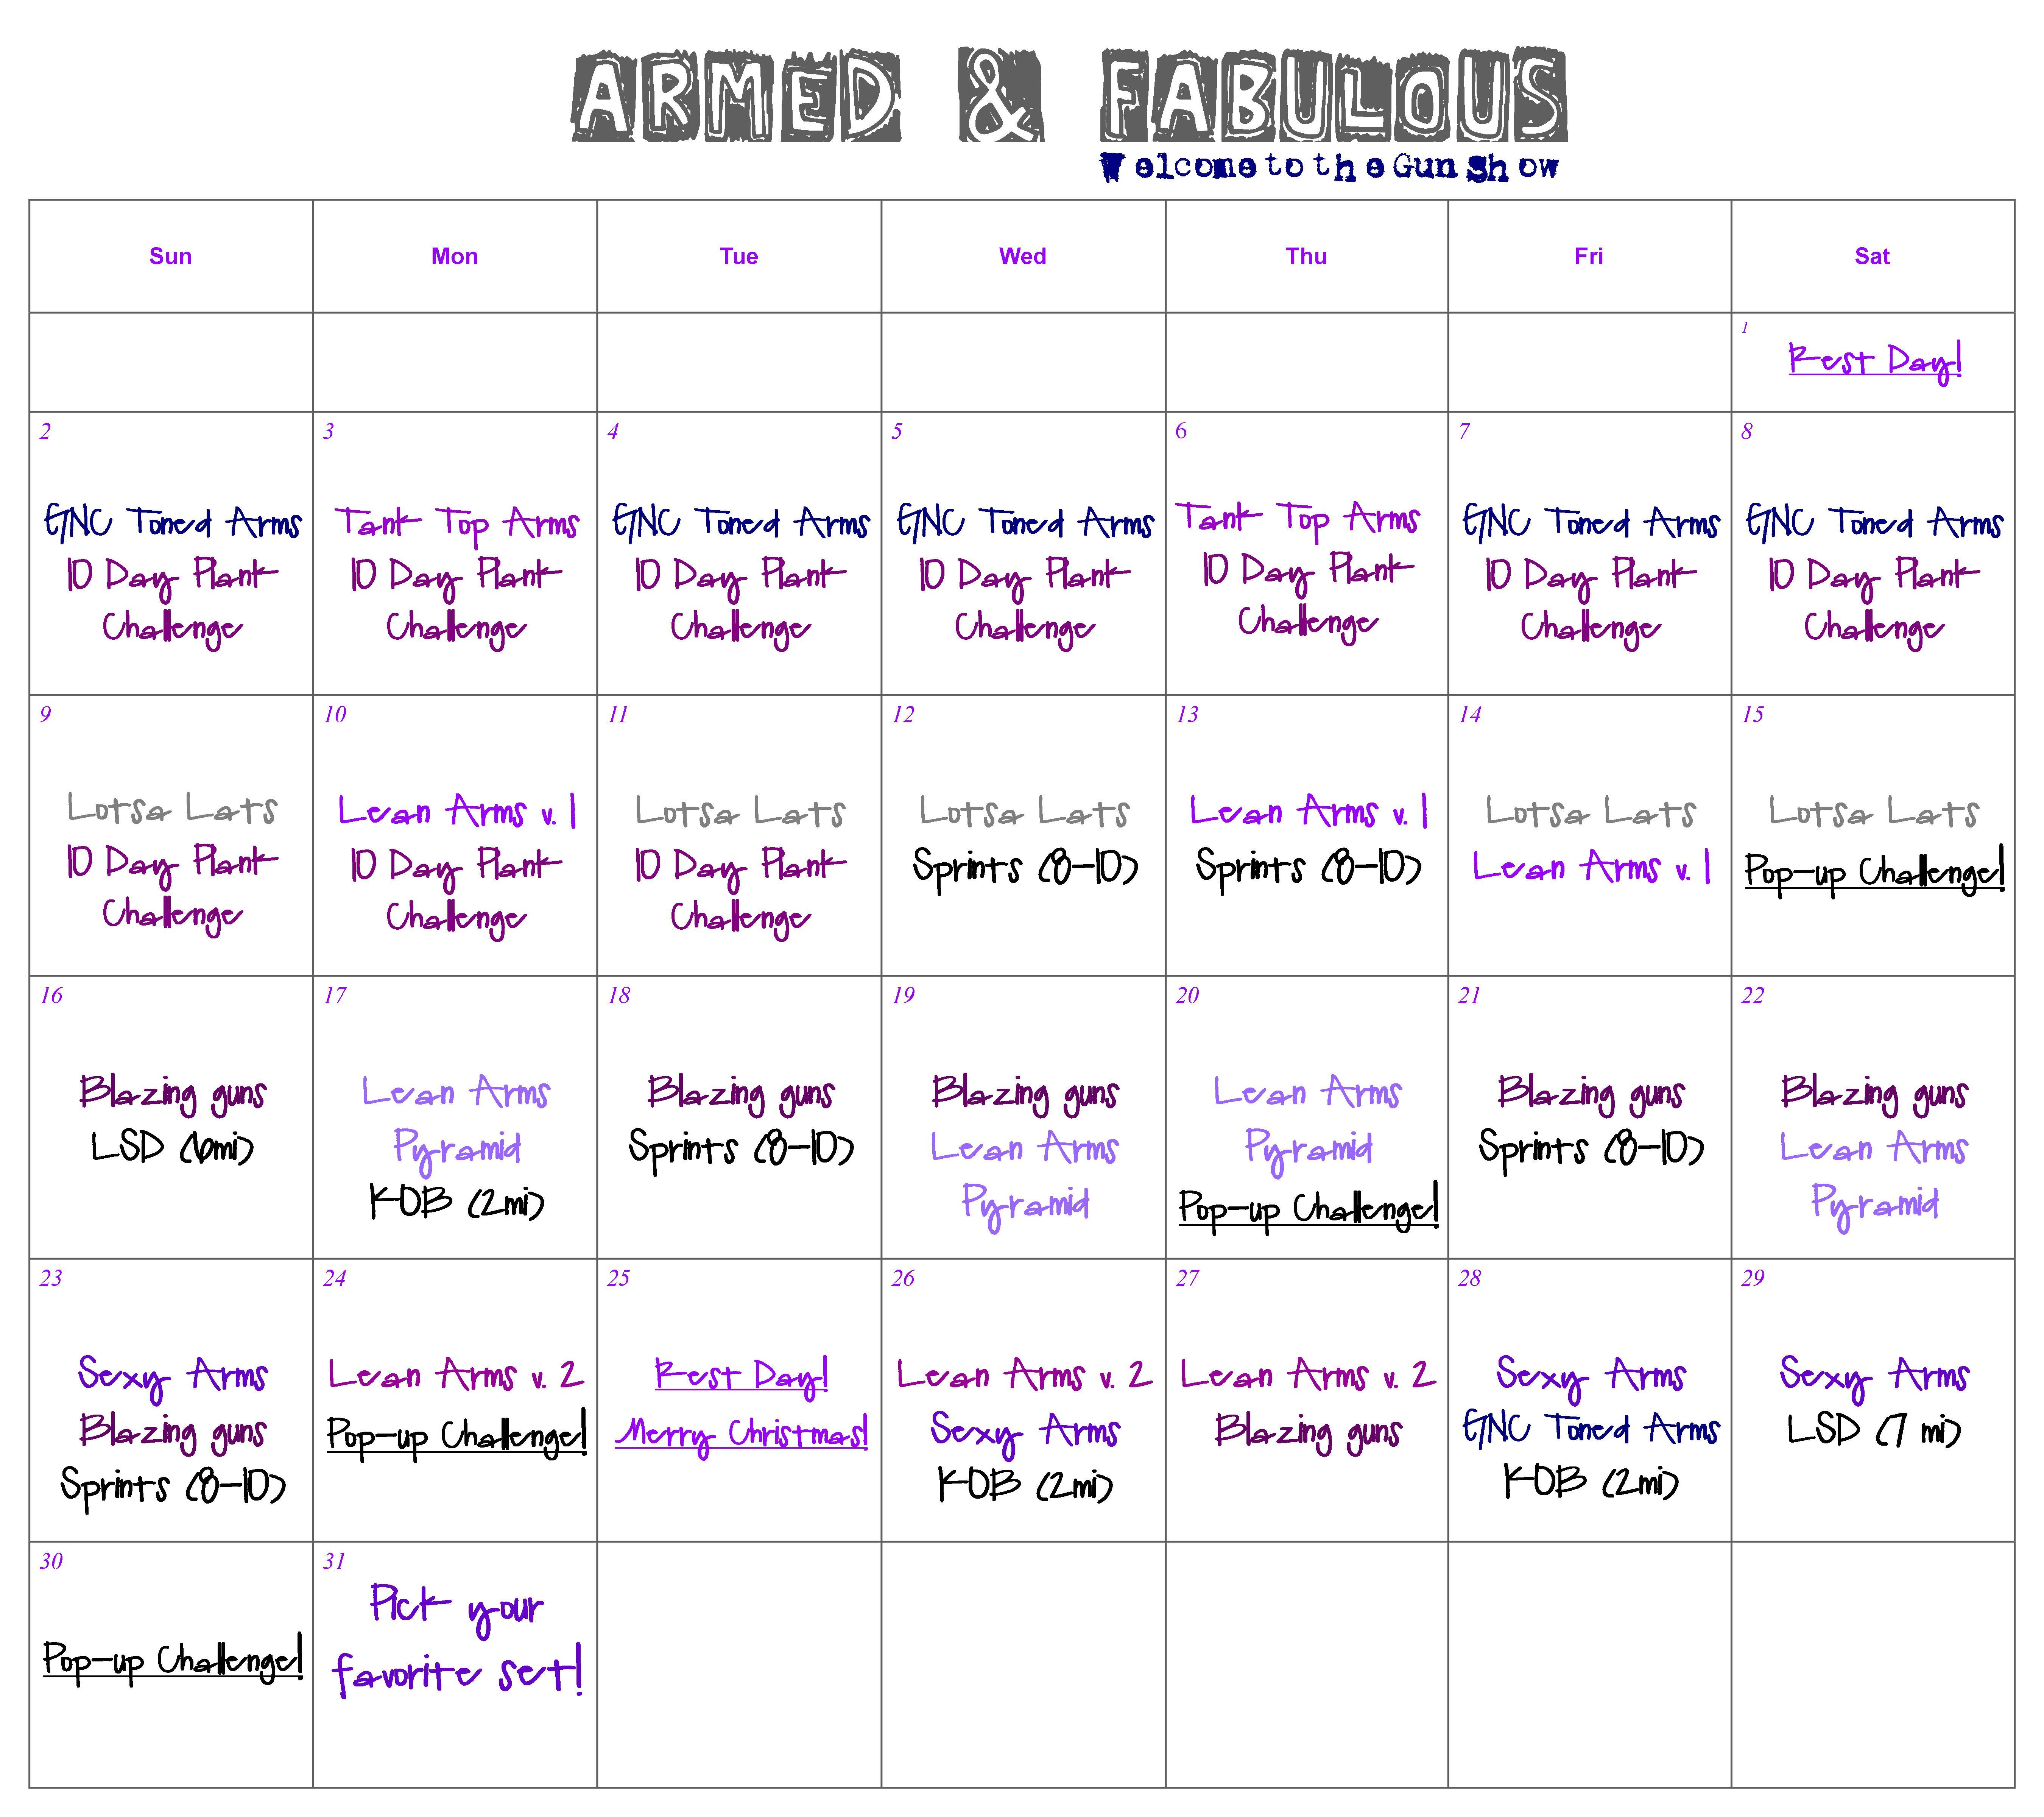 Mike ferry business plan 2012 calendar